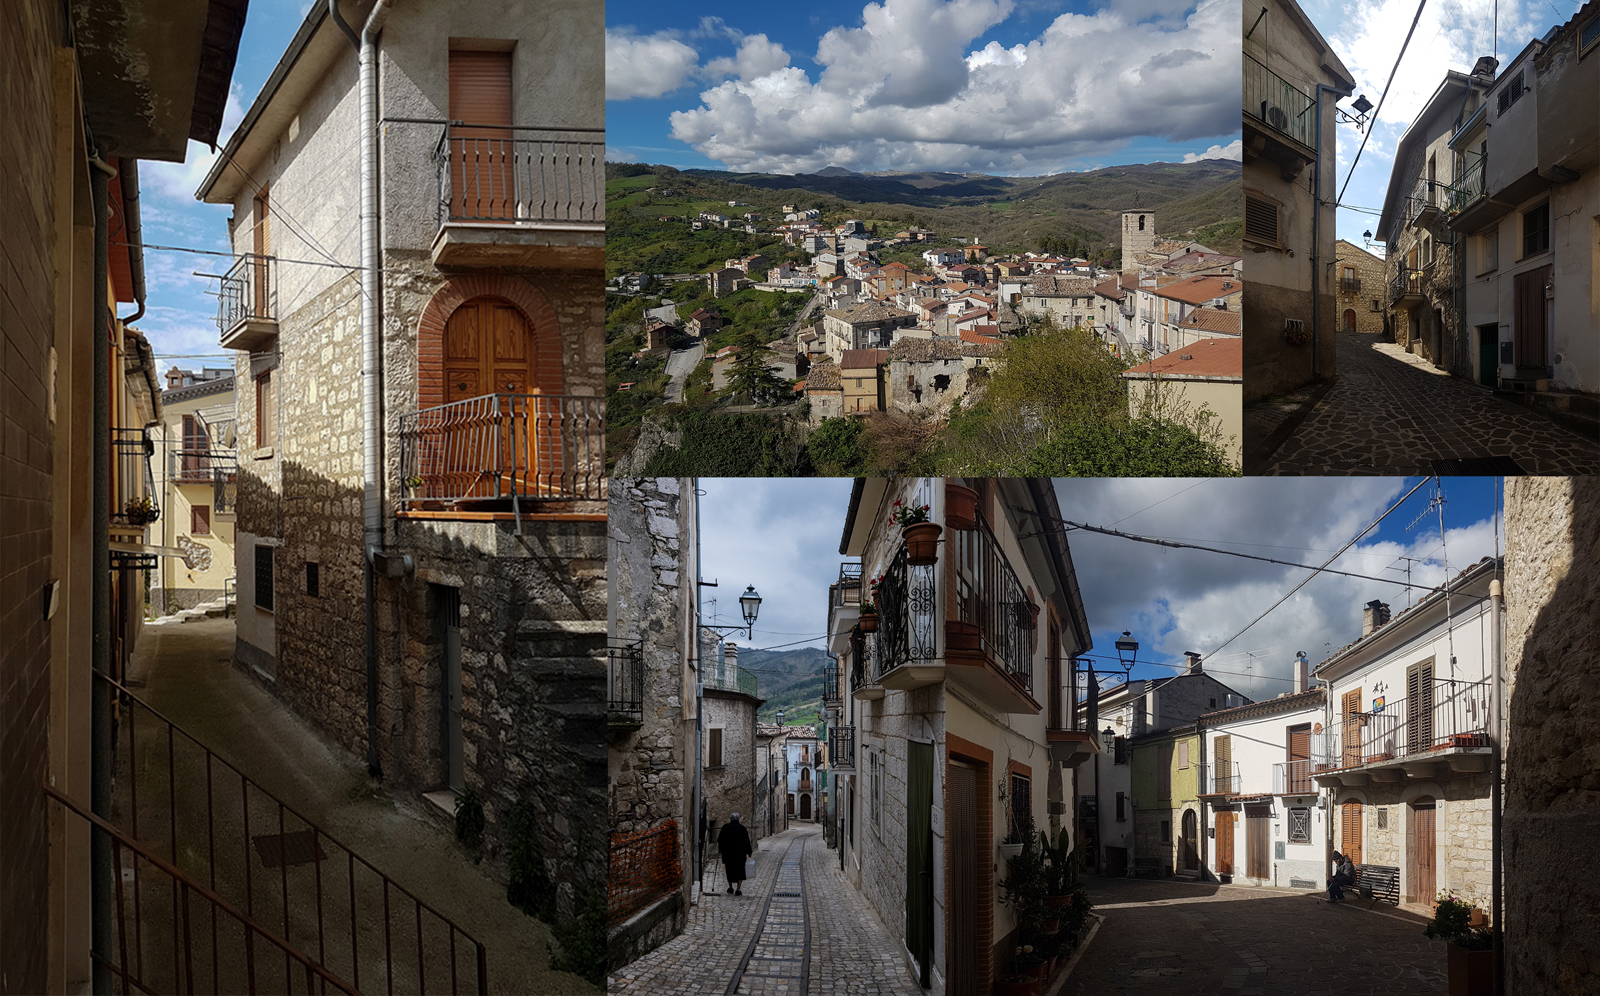 Pennadomo Village image